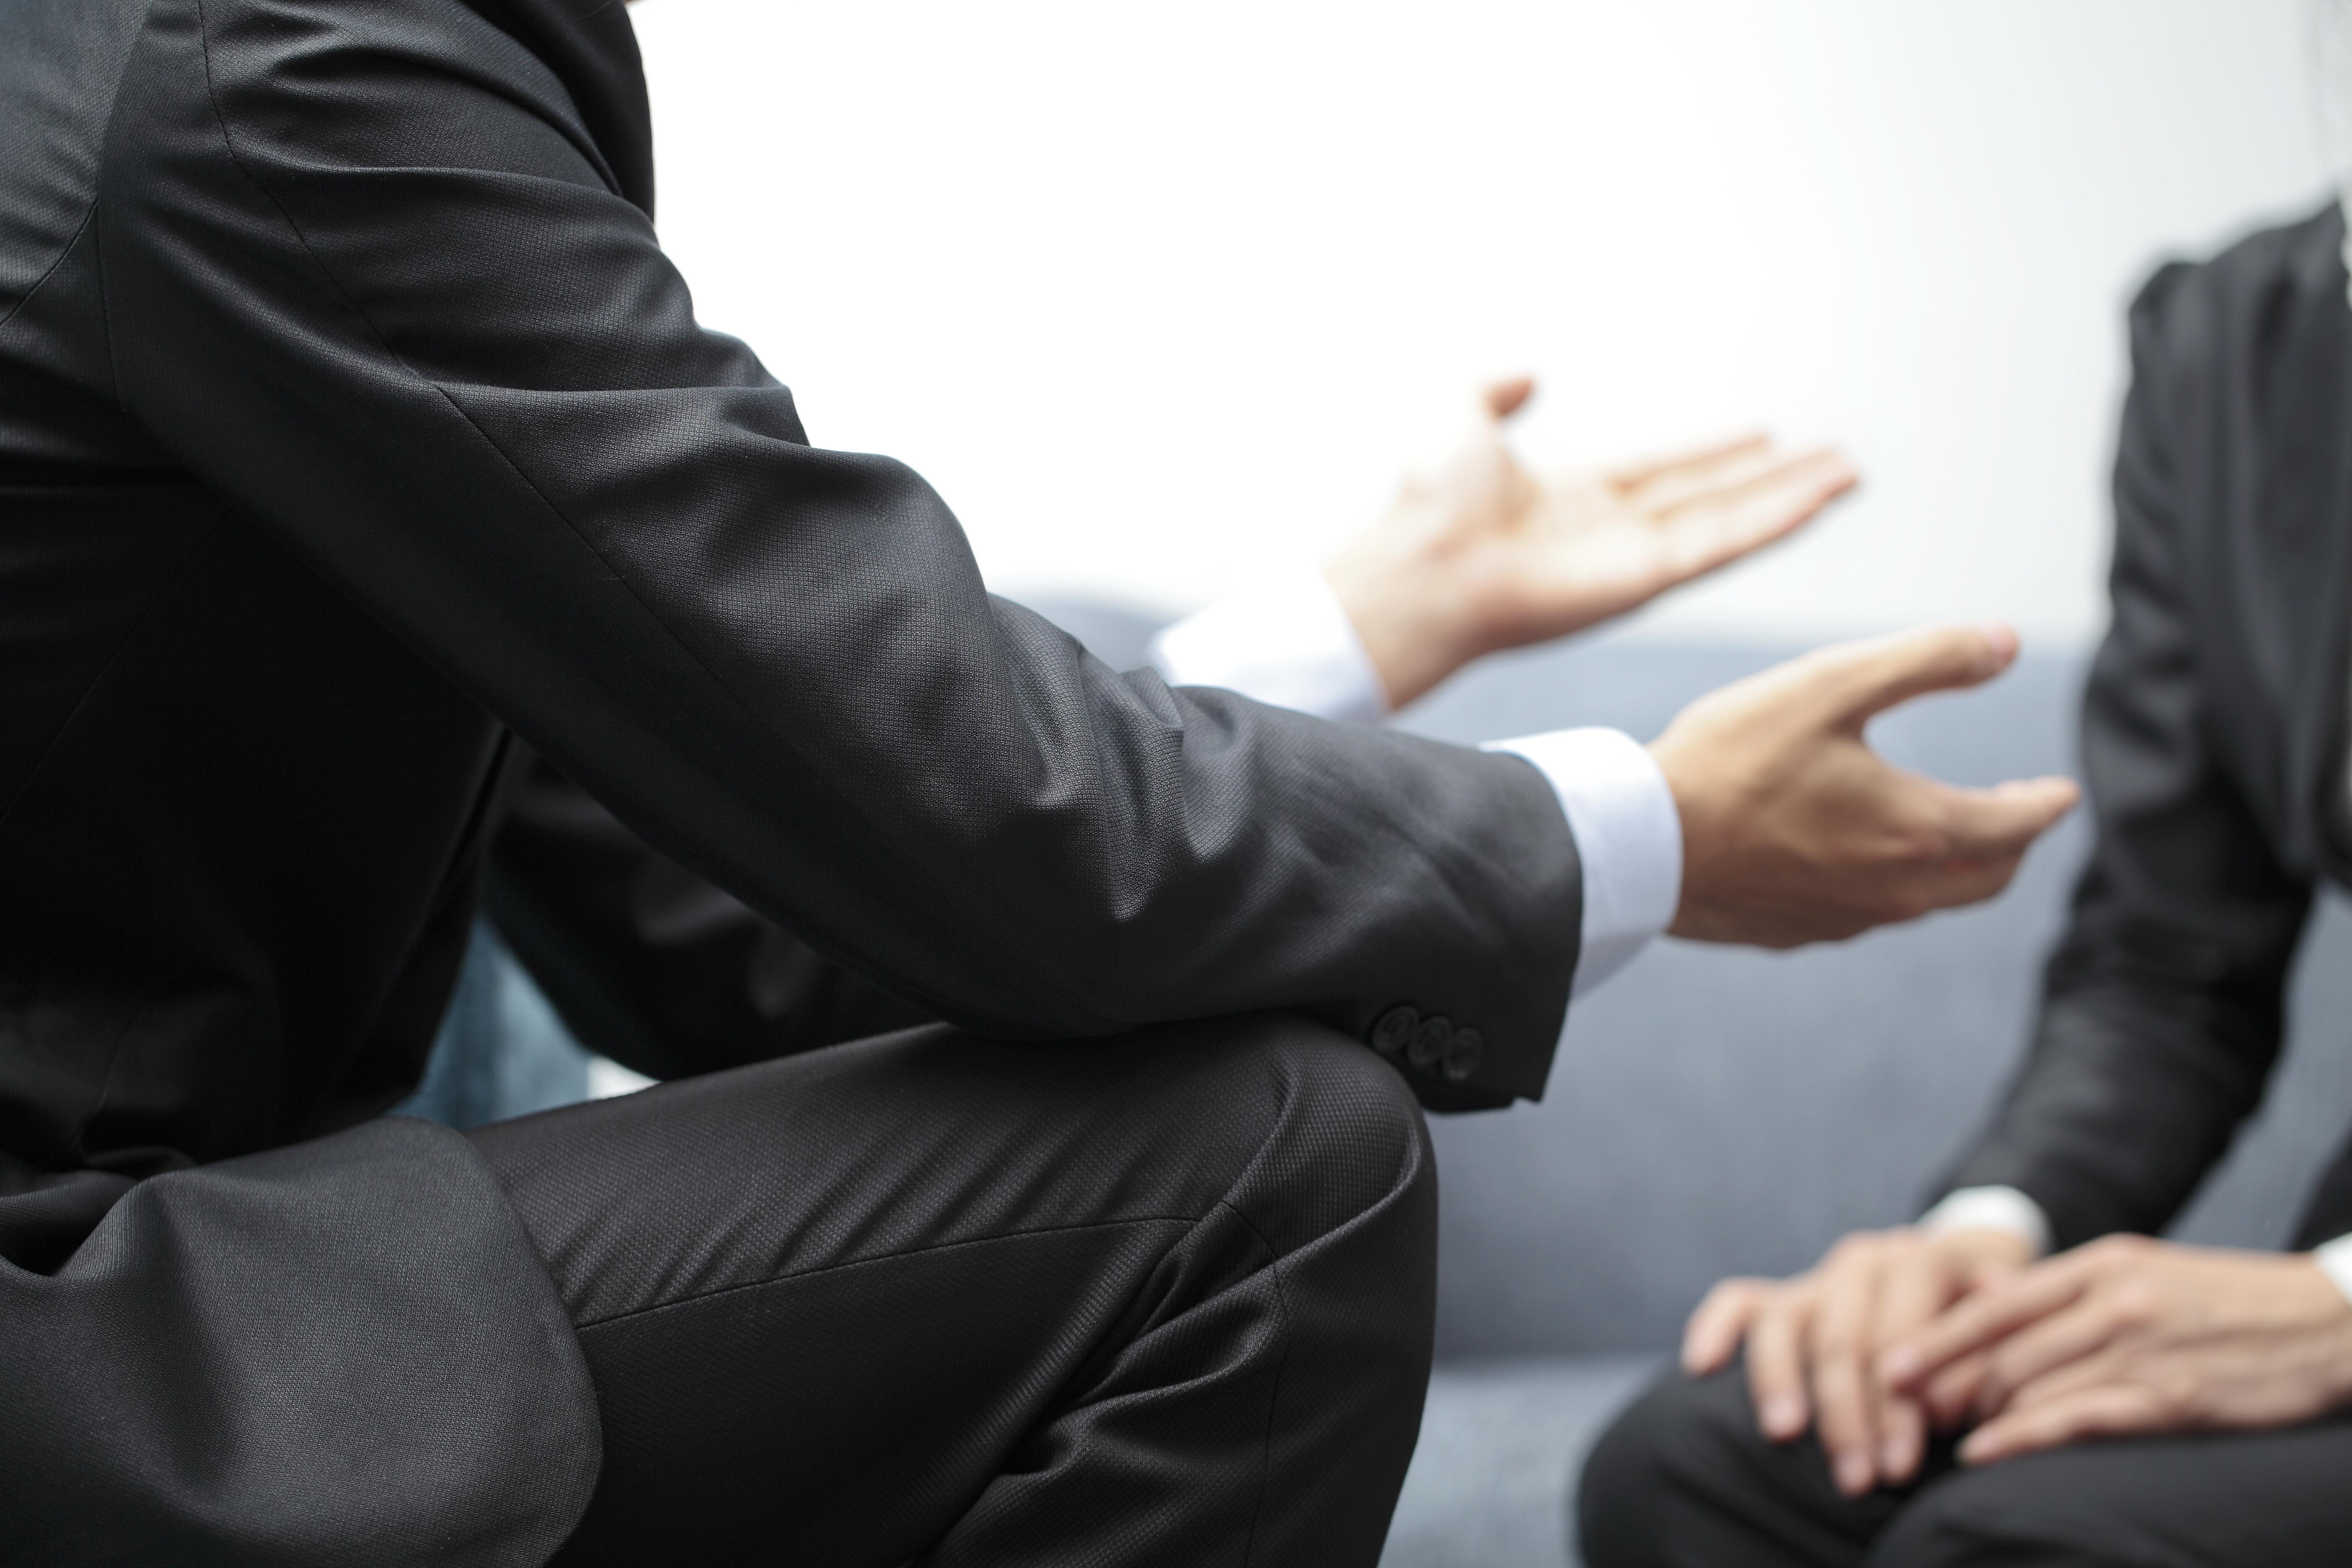 Das Bild zeigt zwei Personen während eines Beratungsgespräches.